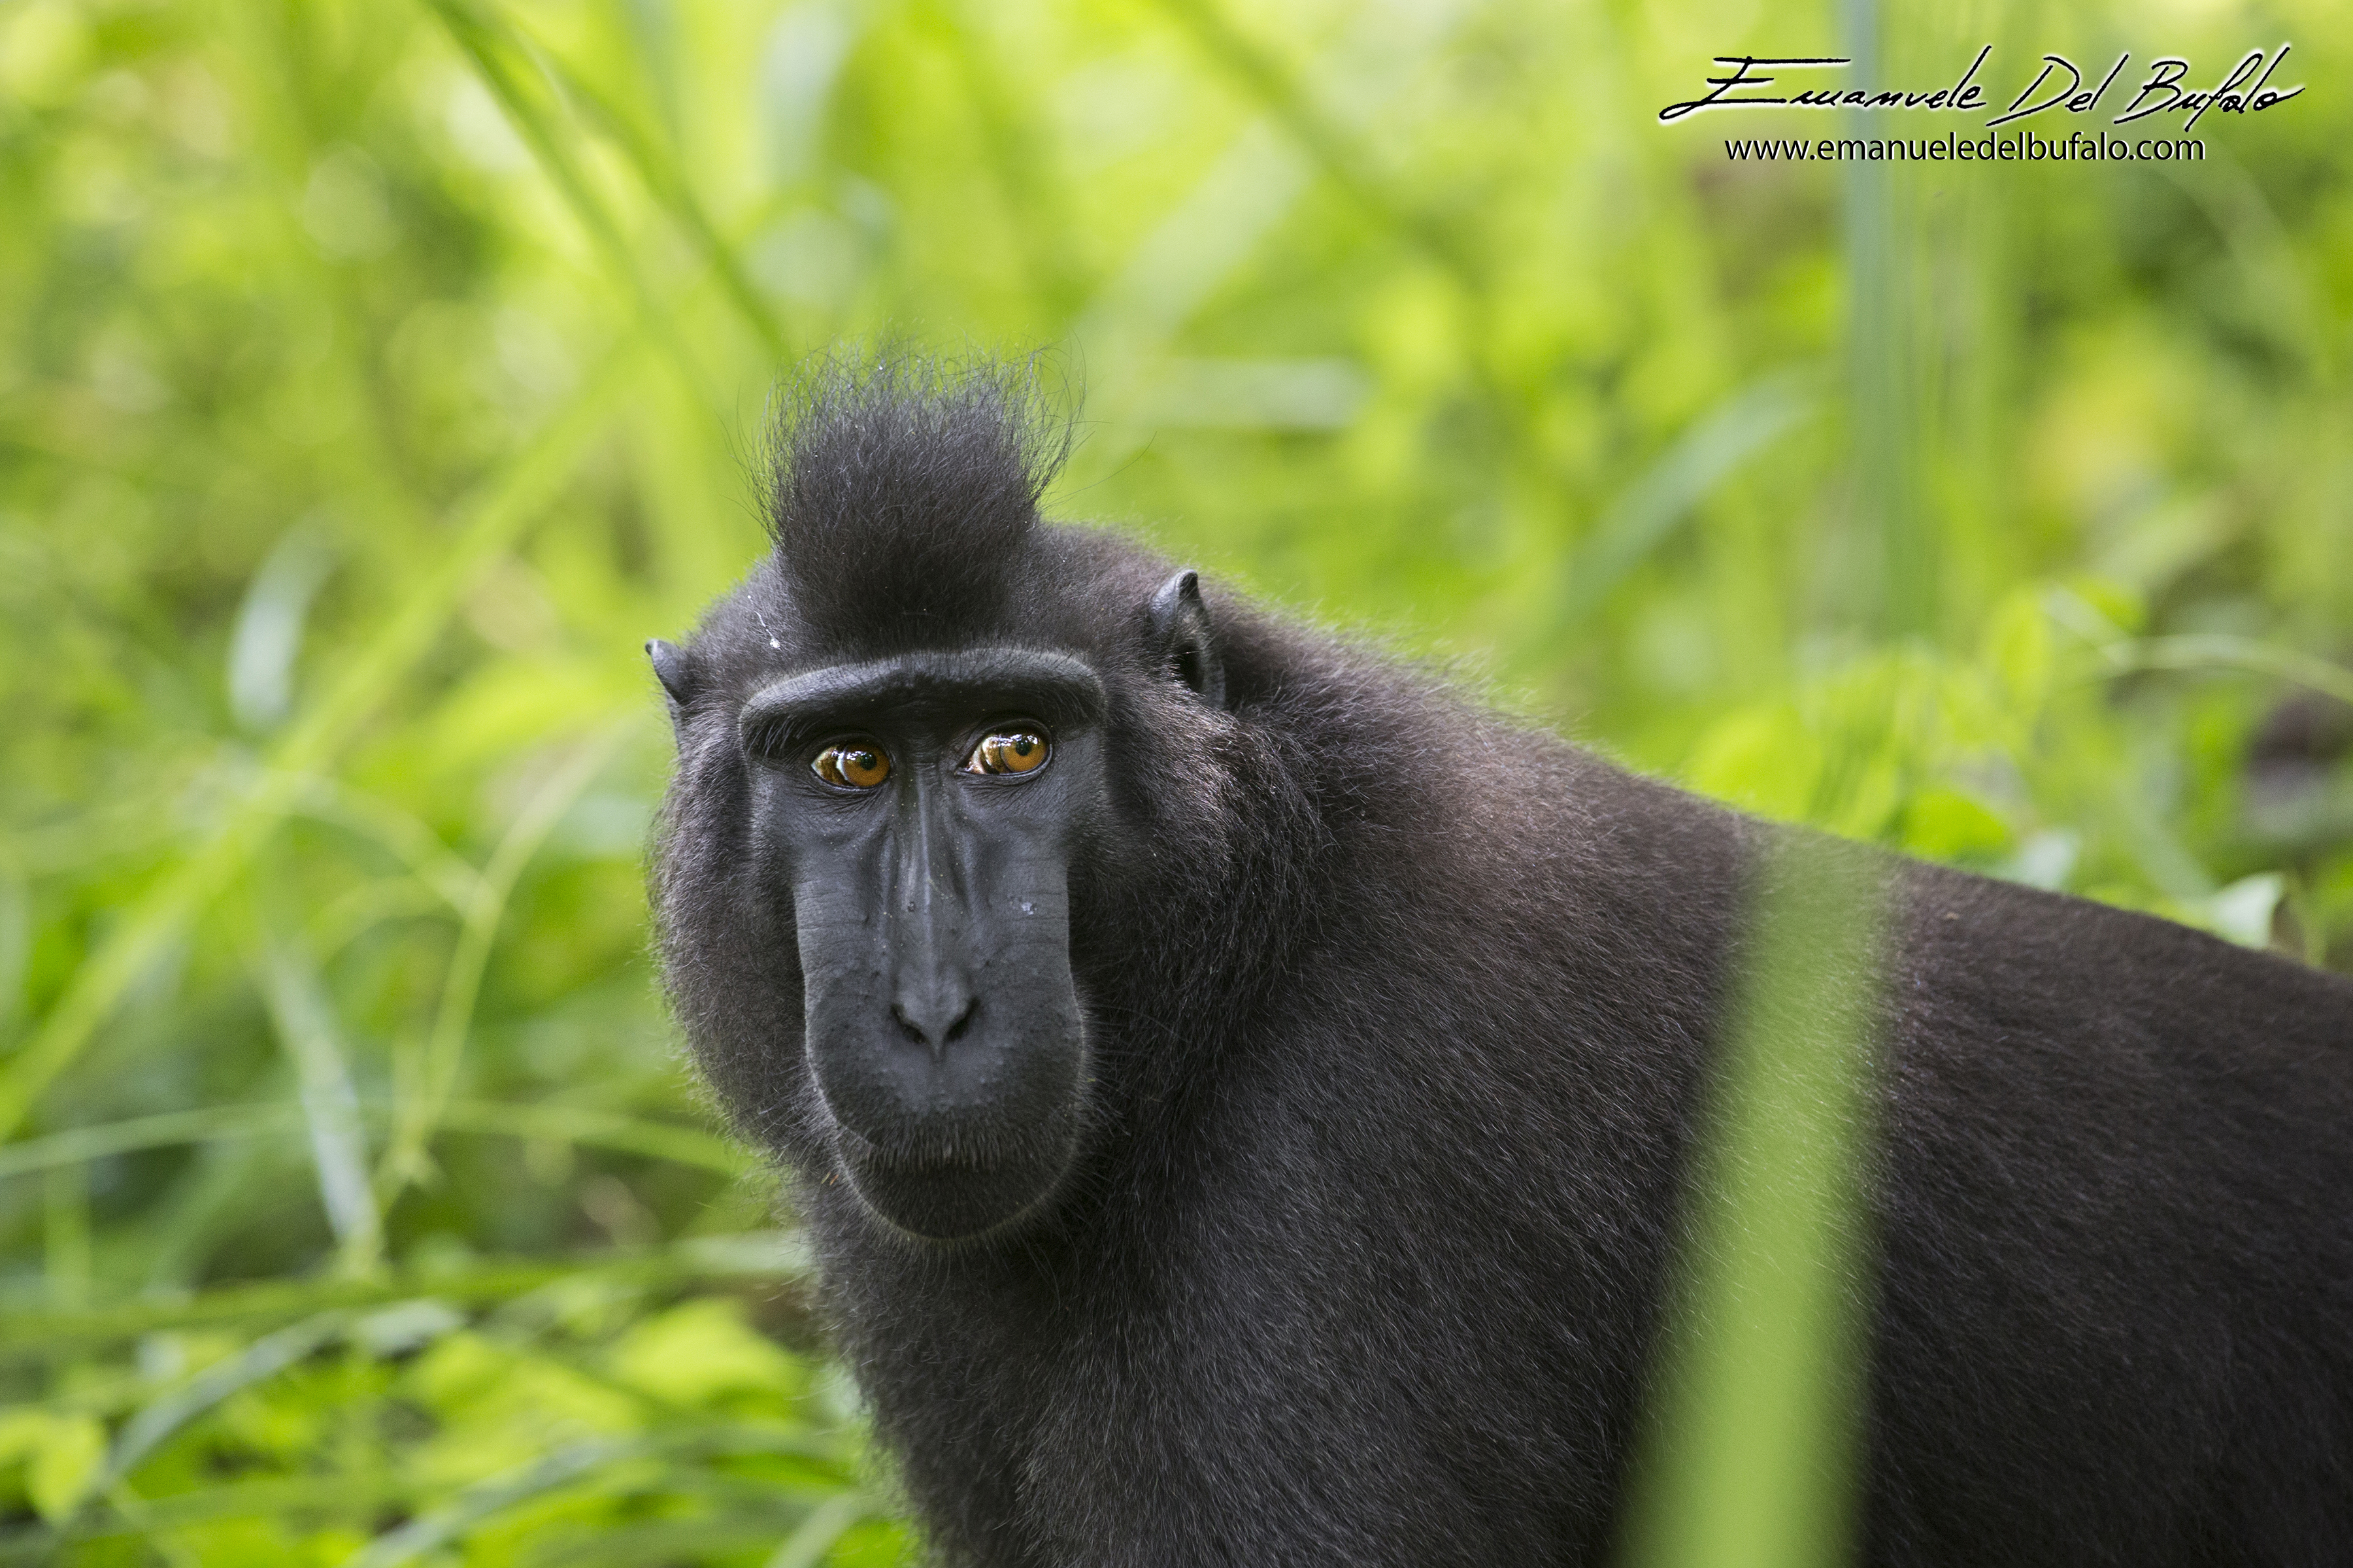 emanueledelbufalo.com #sulawesi #monkey #macaque #animal #wild